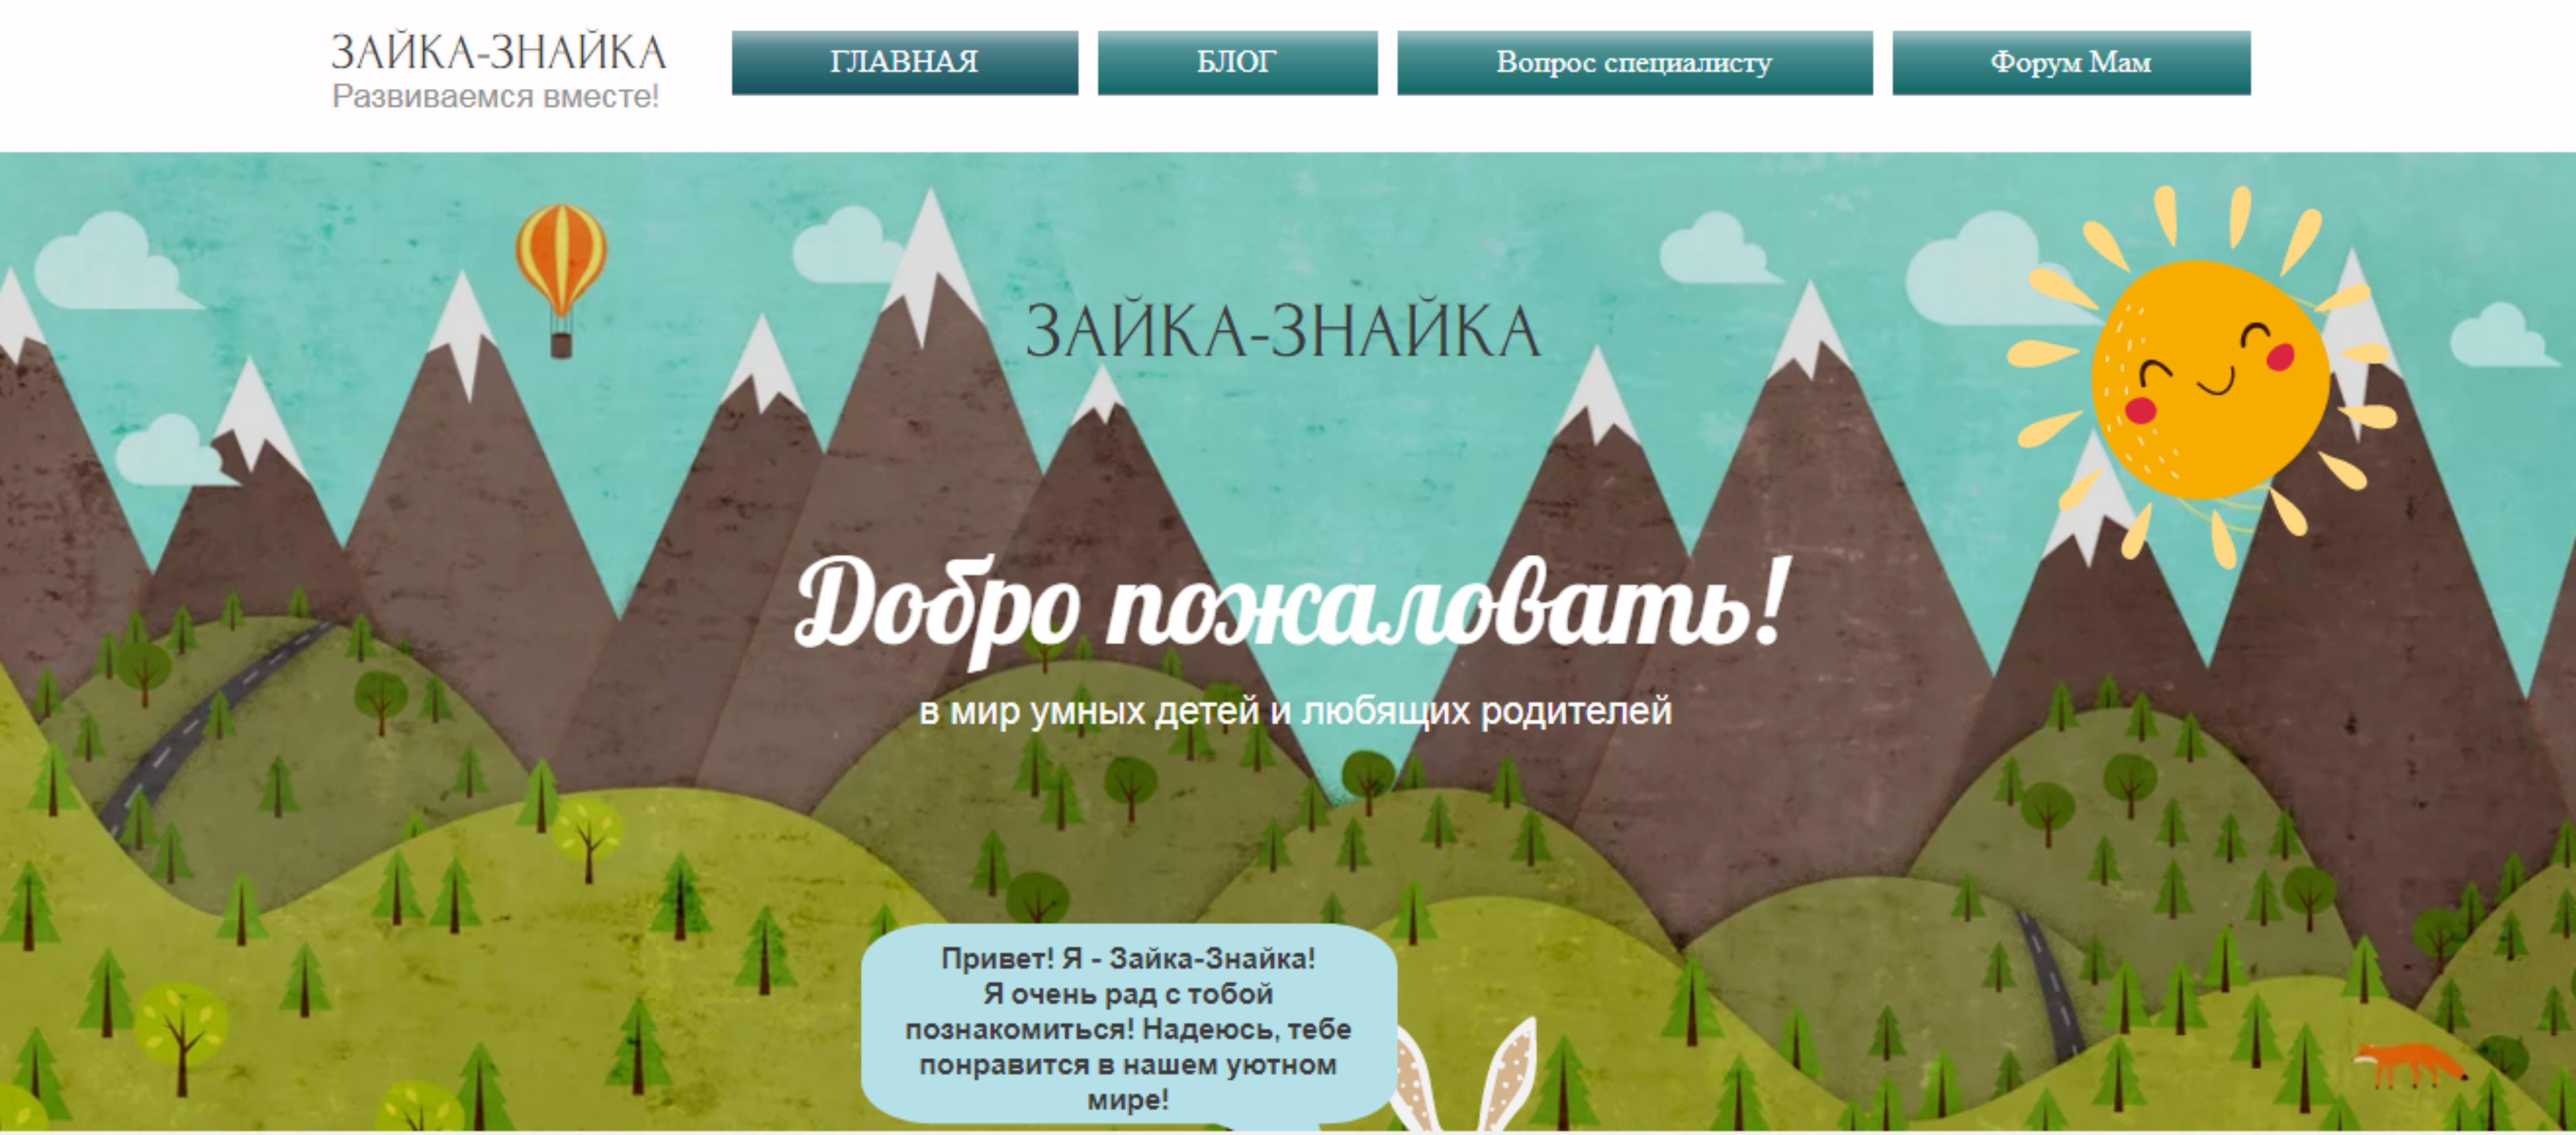 Развивающий сайт для детей